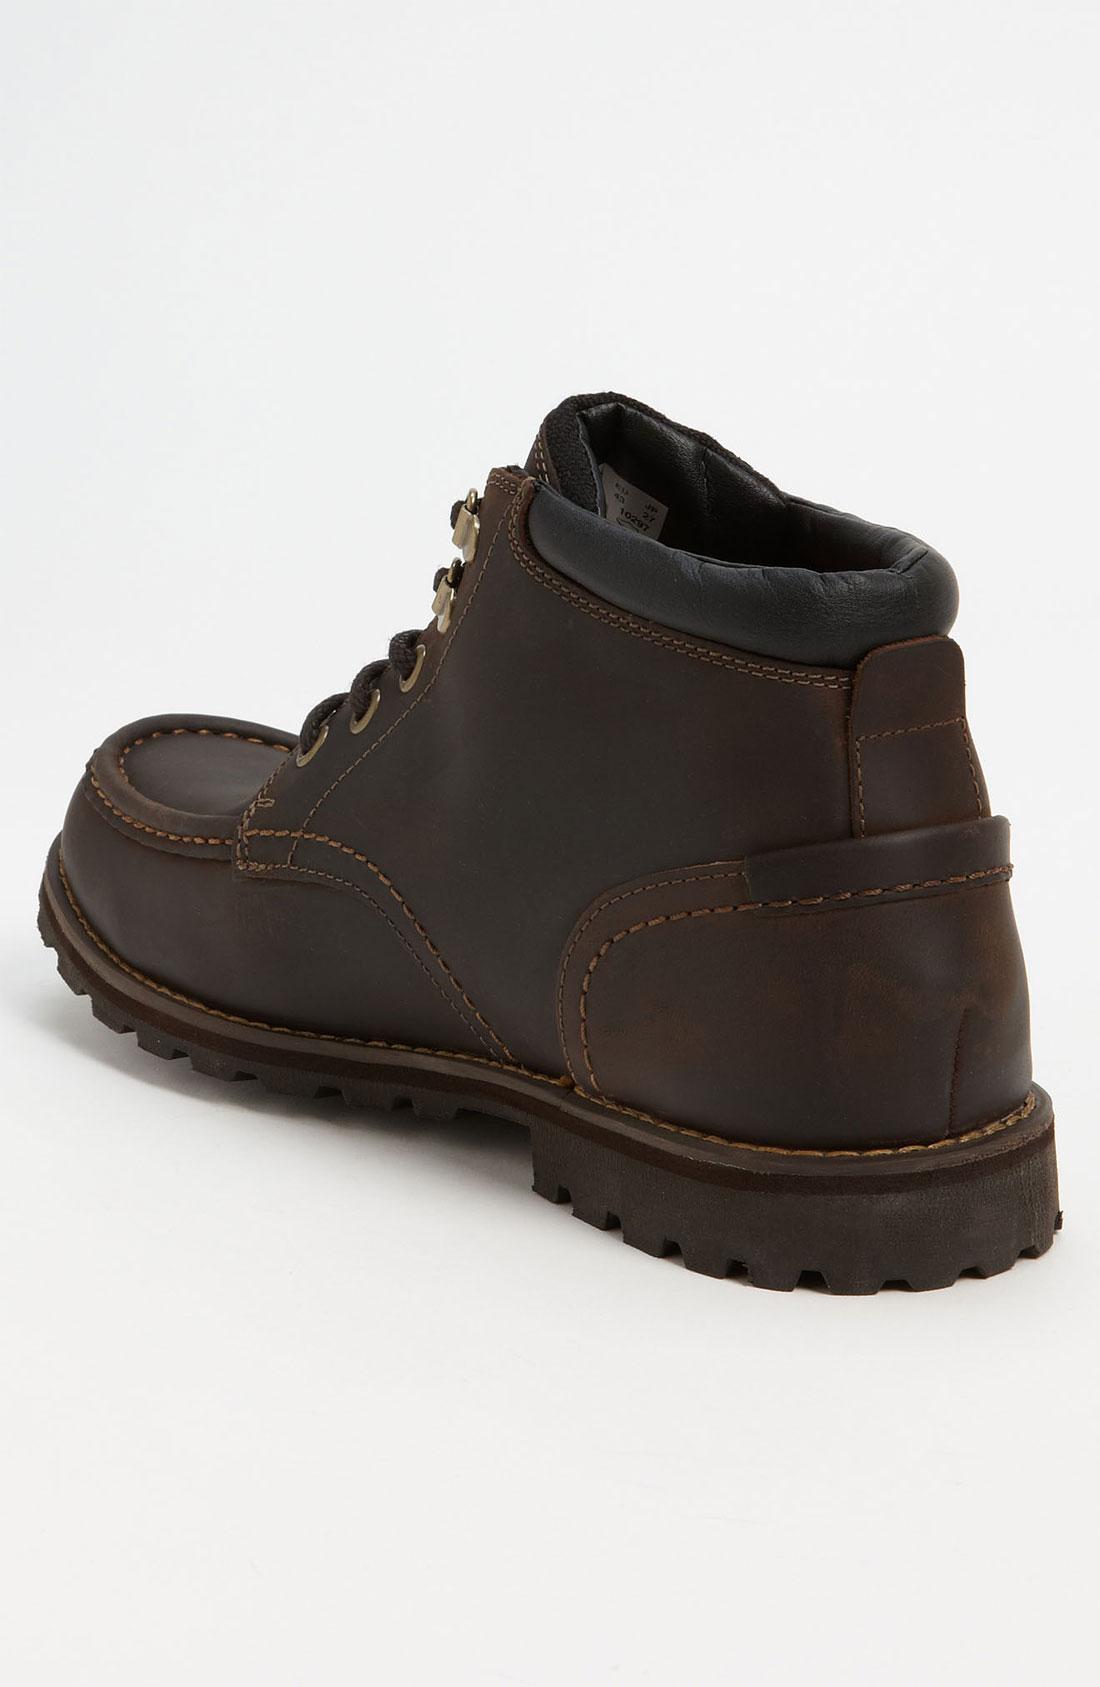 timberland newmarket alpine chukka boot